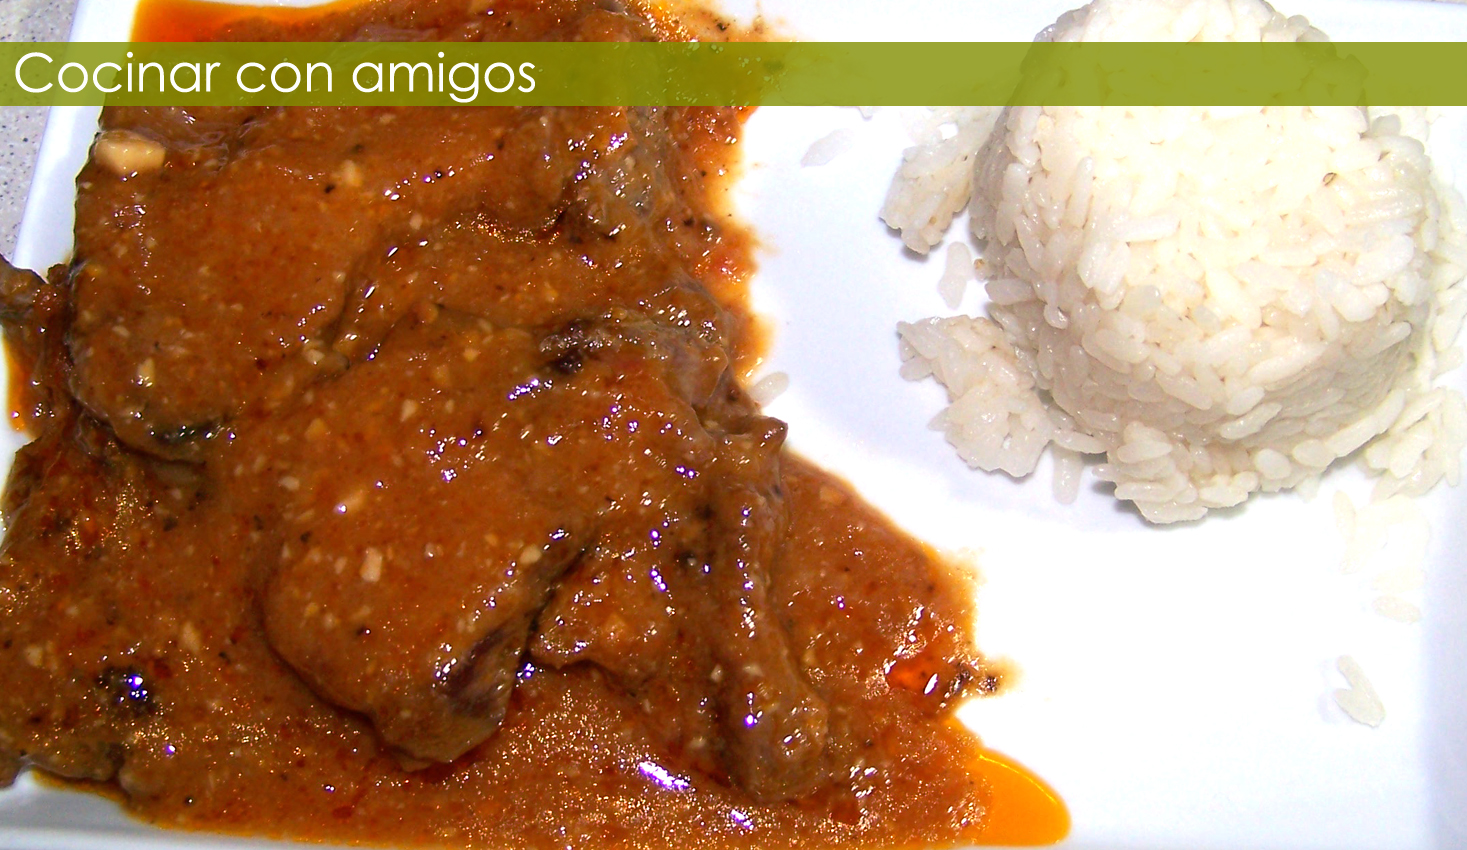 Carne en salsa de mam cocinar con amigos - Filetes de carne en salsa ...